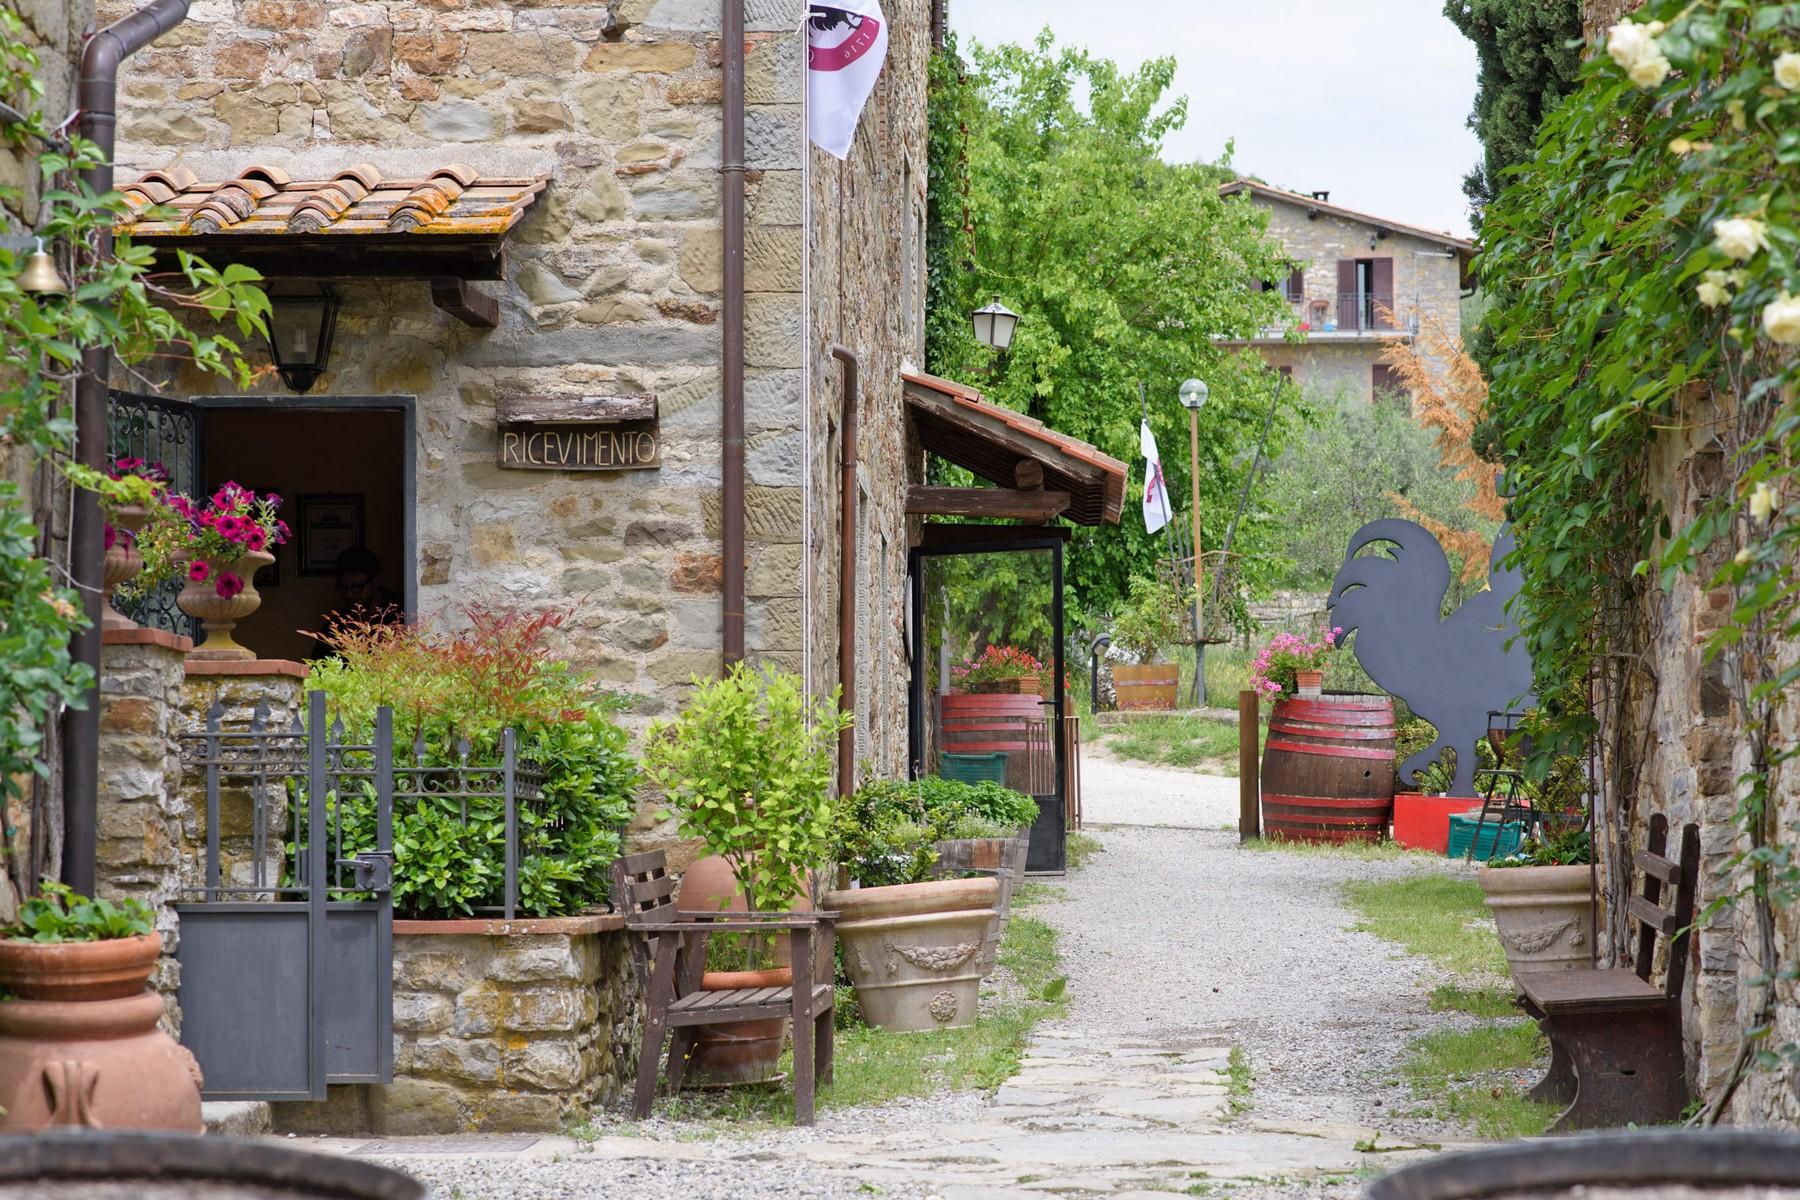 Rustico in Vendita a Gaiole In Chianti: 5 locali, 2170 mq - Foto 7